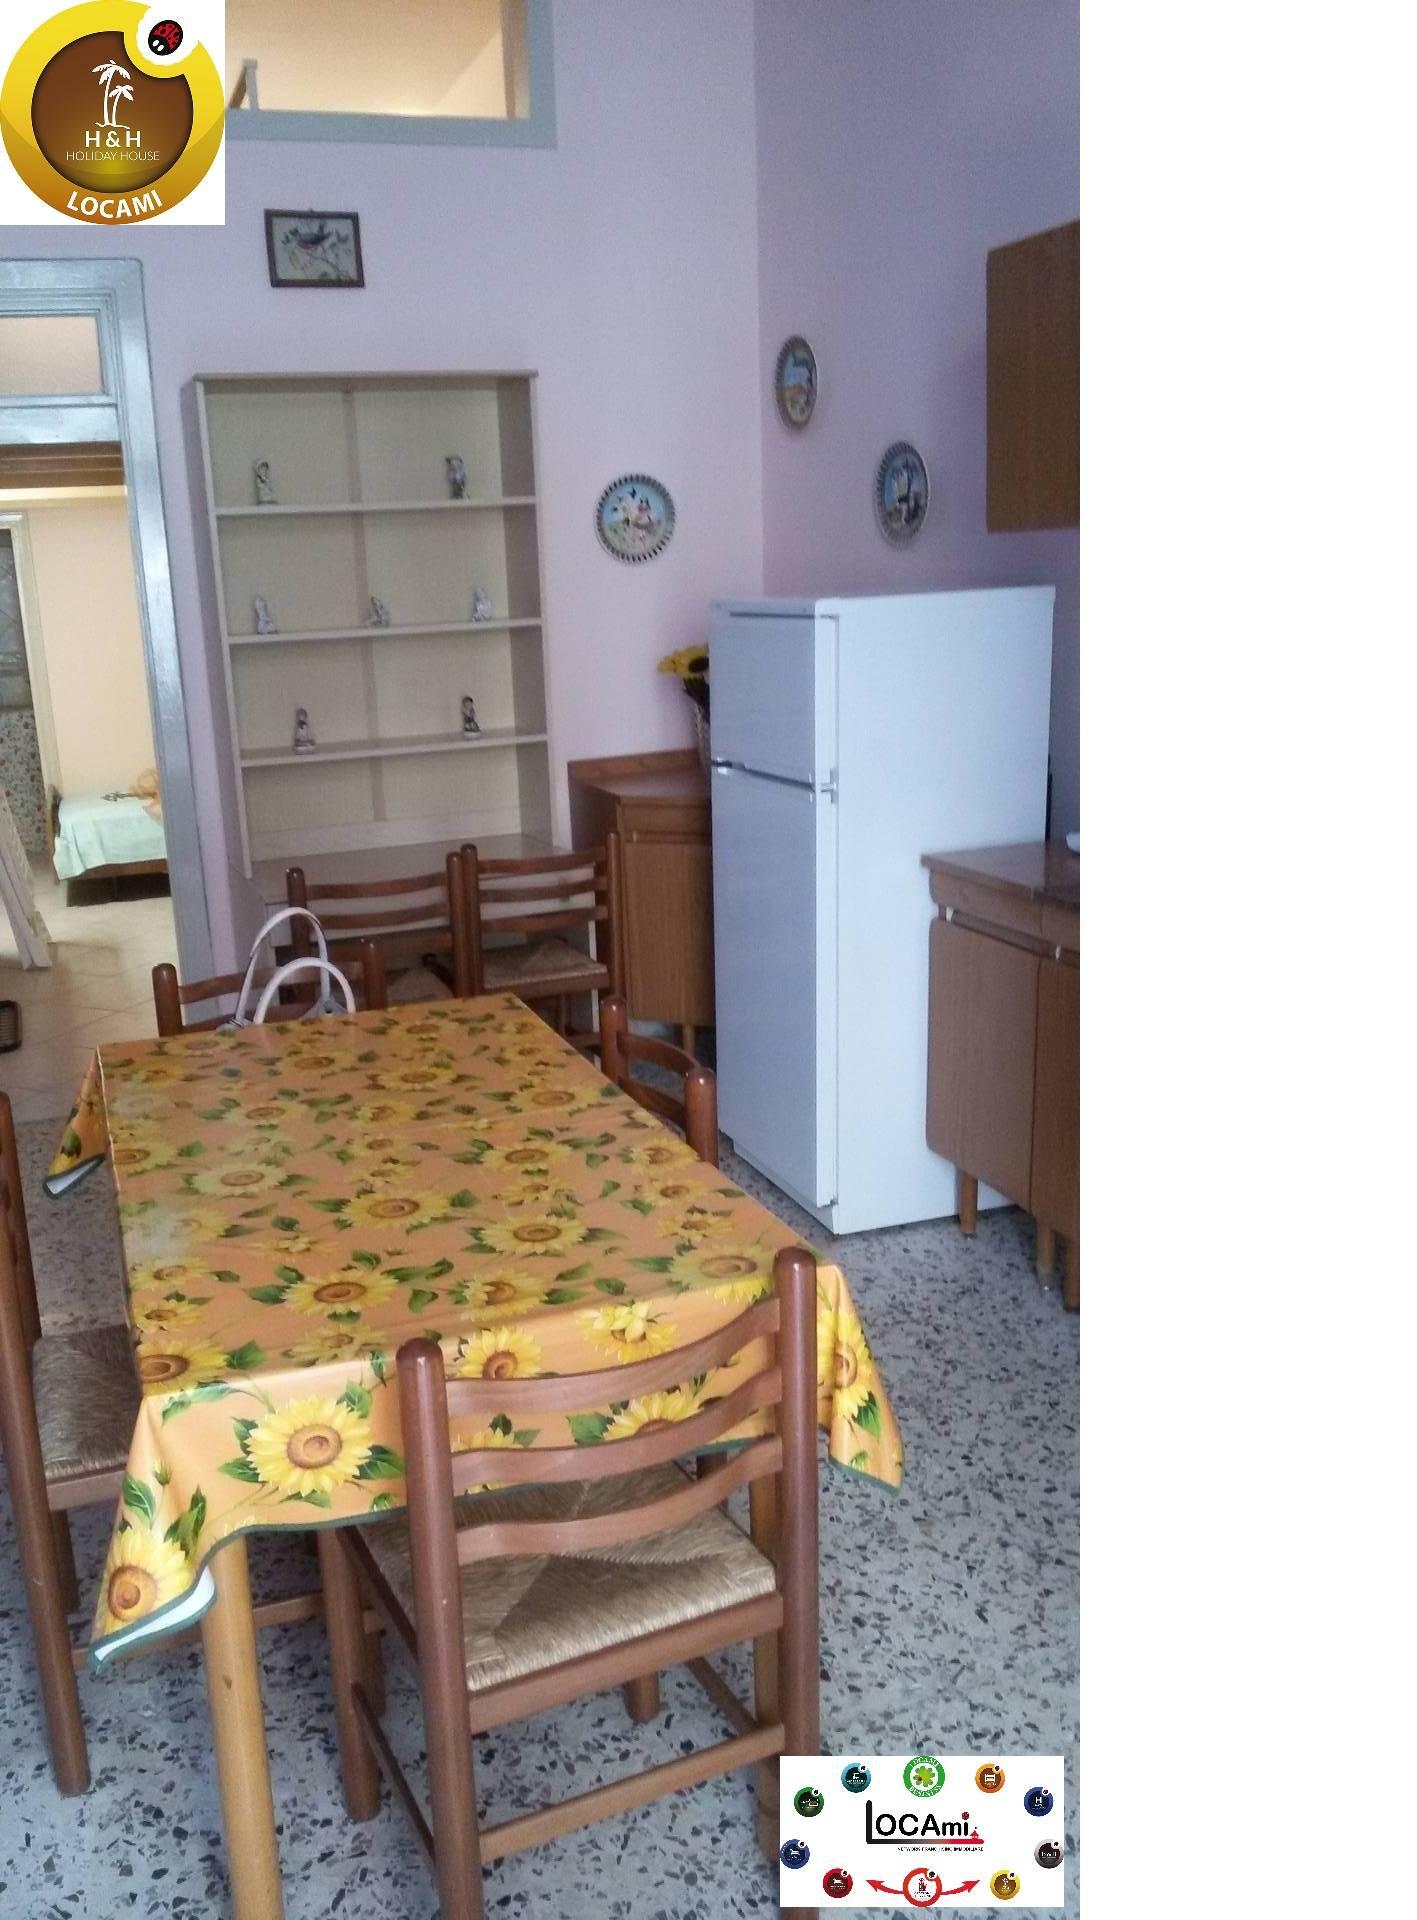 Immobile Turistico in affitto a Gioiosa Marea, 4 locali, Trattative riservate | Cambio Casa.it